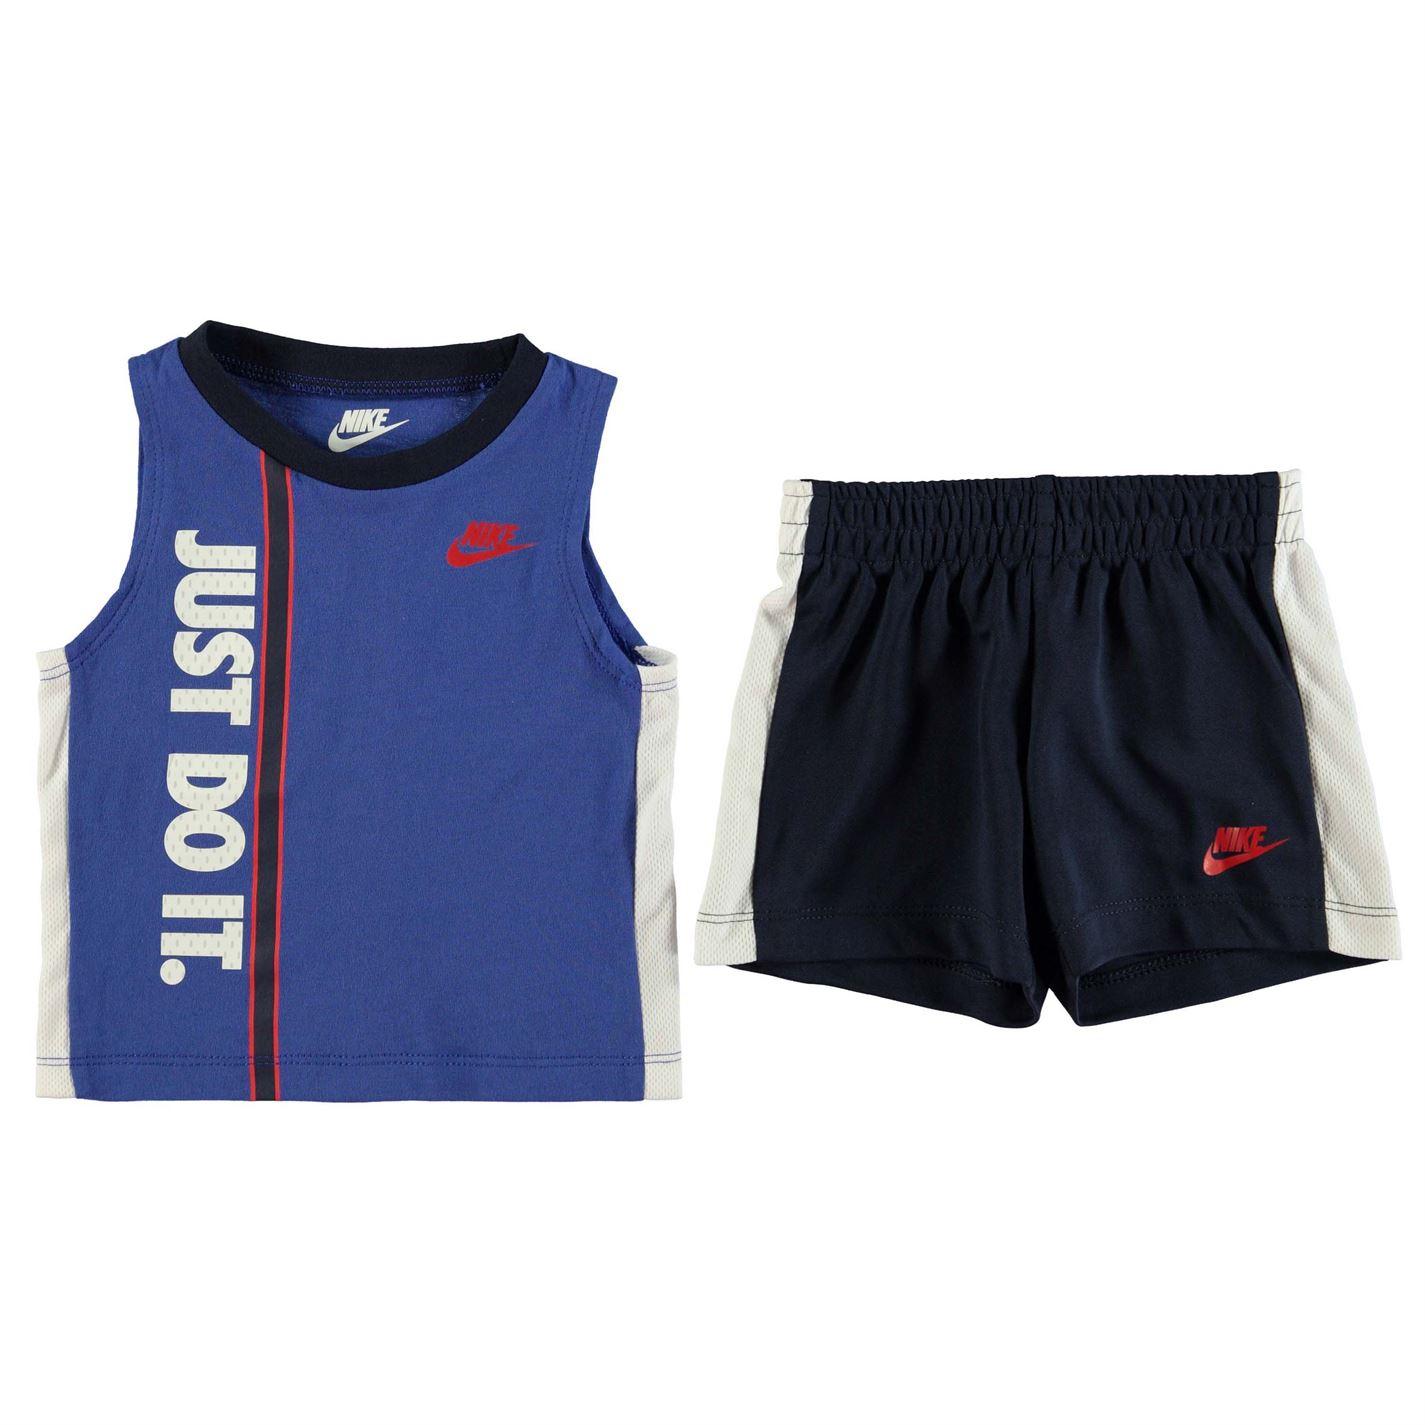 54708b461254 Detský set Nike Shorts Set Baby Boys - Glami.sk